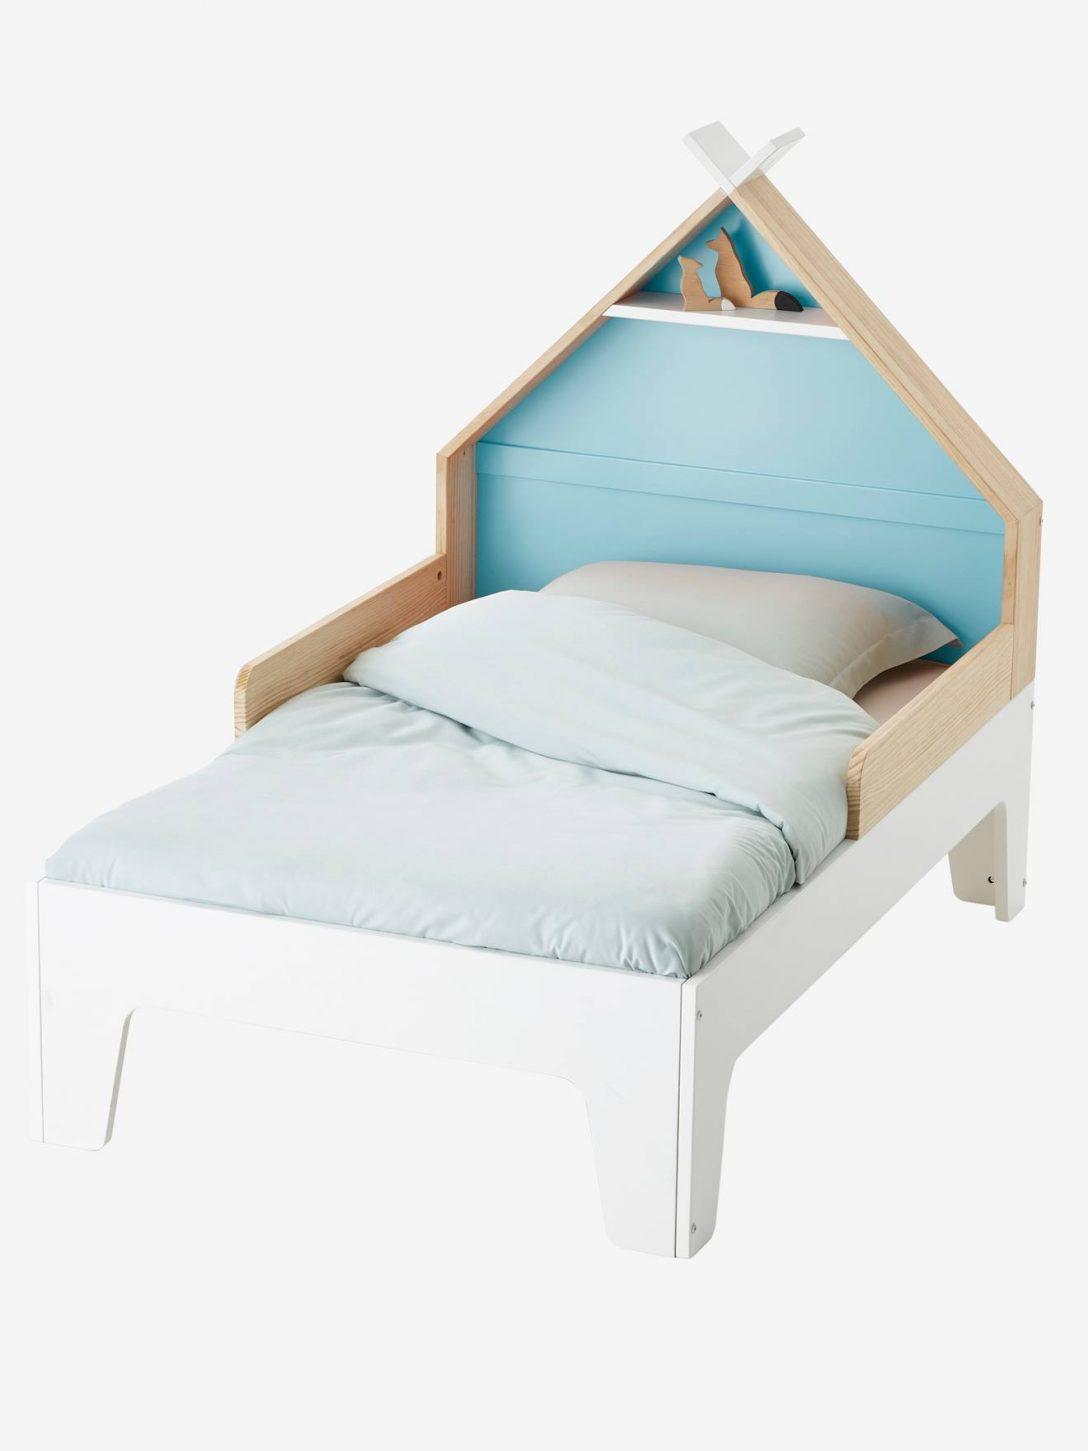 Large Size of Bett Zum Ausziehen Paletten 140x200 Regal Aufhängen Weißes Luxus Betten Massiv 180x200 Ruf Mit Matratze Und Lattenrost Funktions 180x220 Eiche Bettkasten Bett Bett Zum Ausziehen